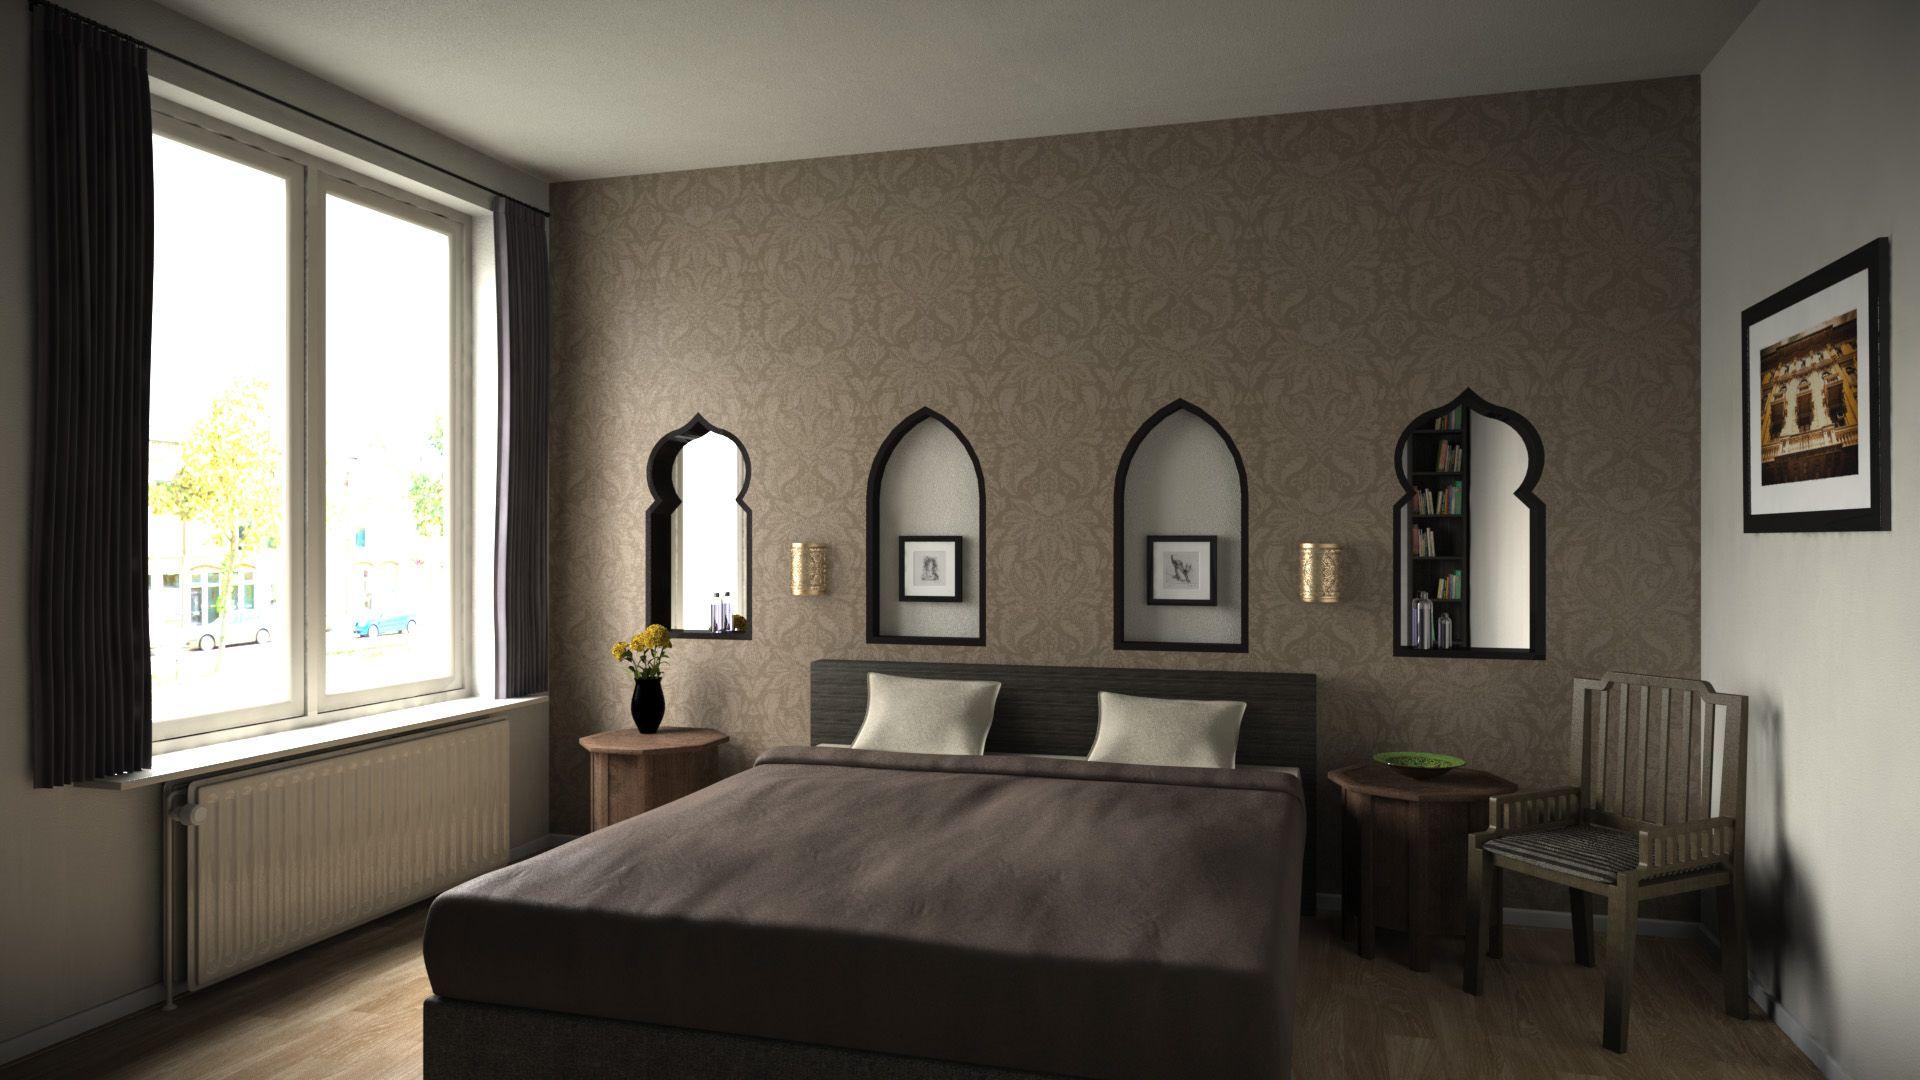 Voorzetwand slaapkamer arabische interieur pinterest slaapkamer plaatsen en decoratie - Interieur decoratie slaapkamer ...